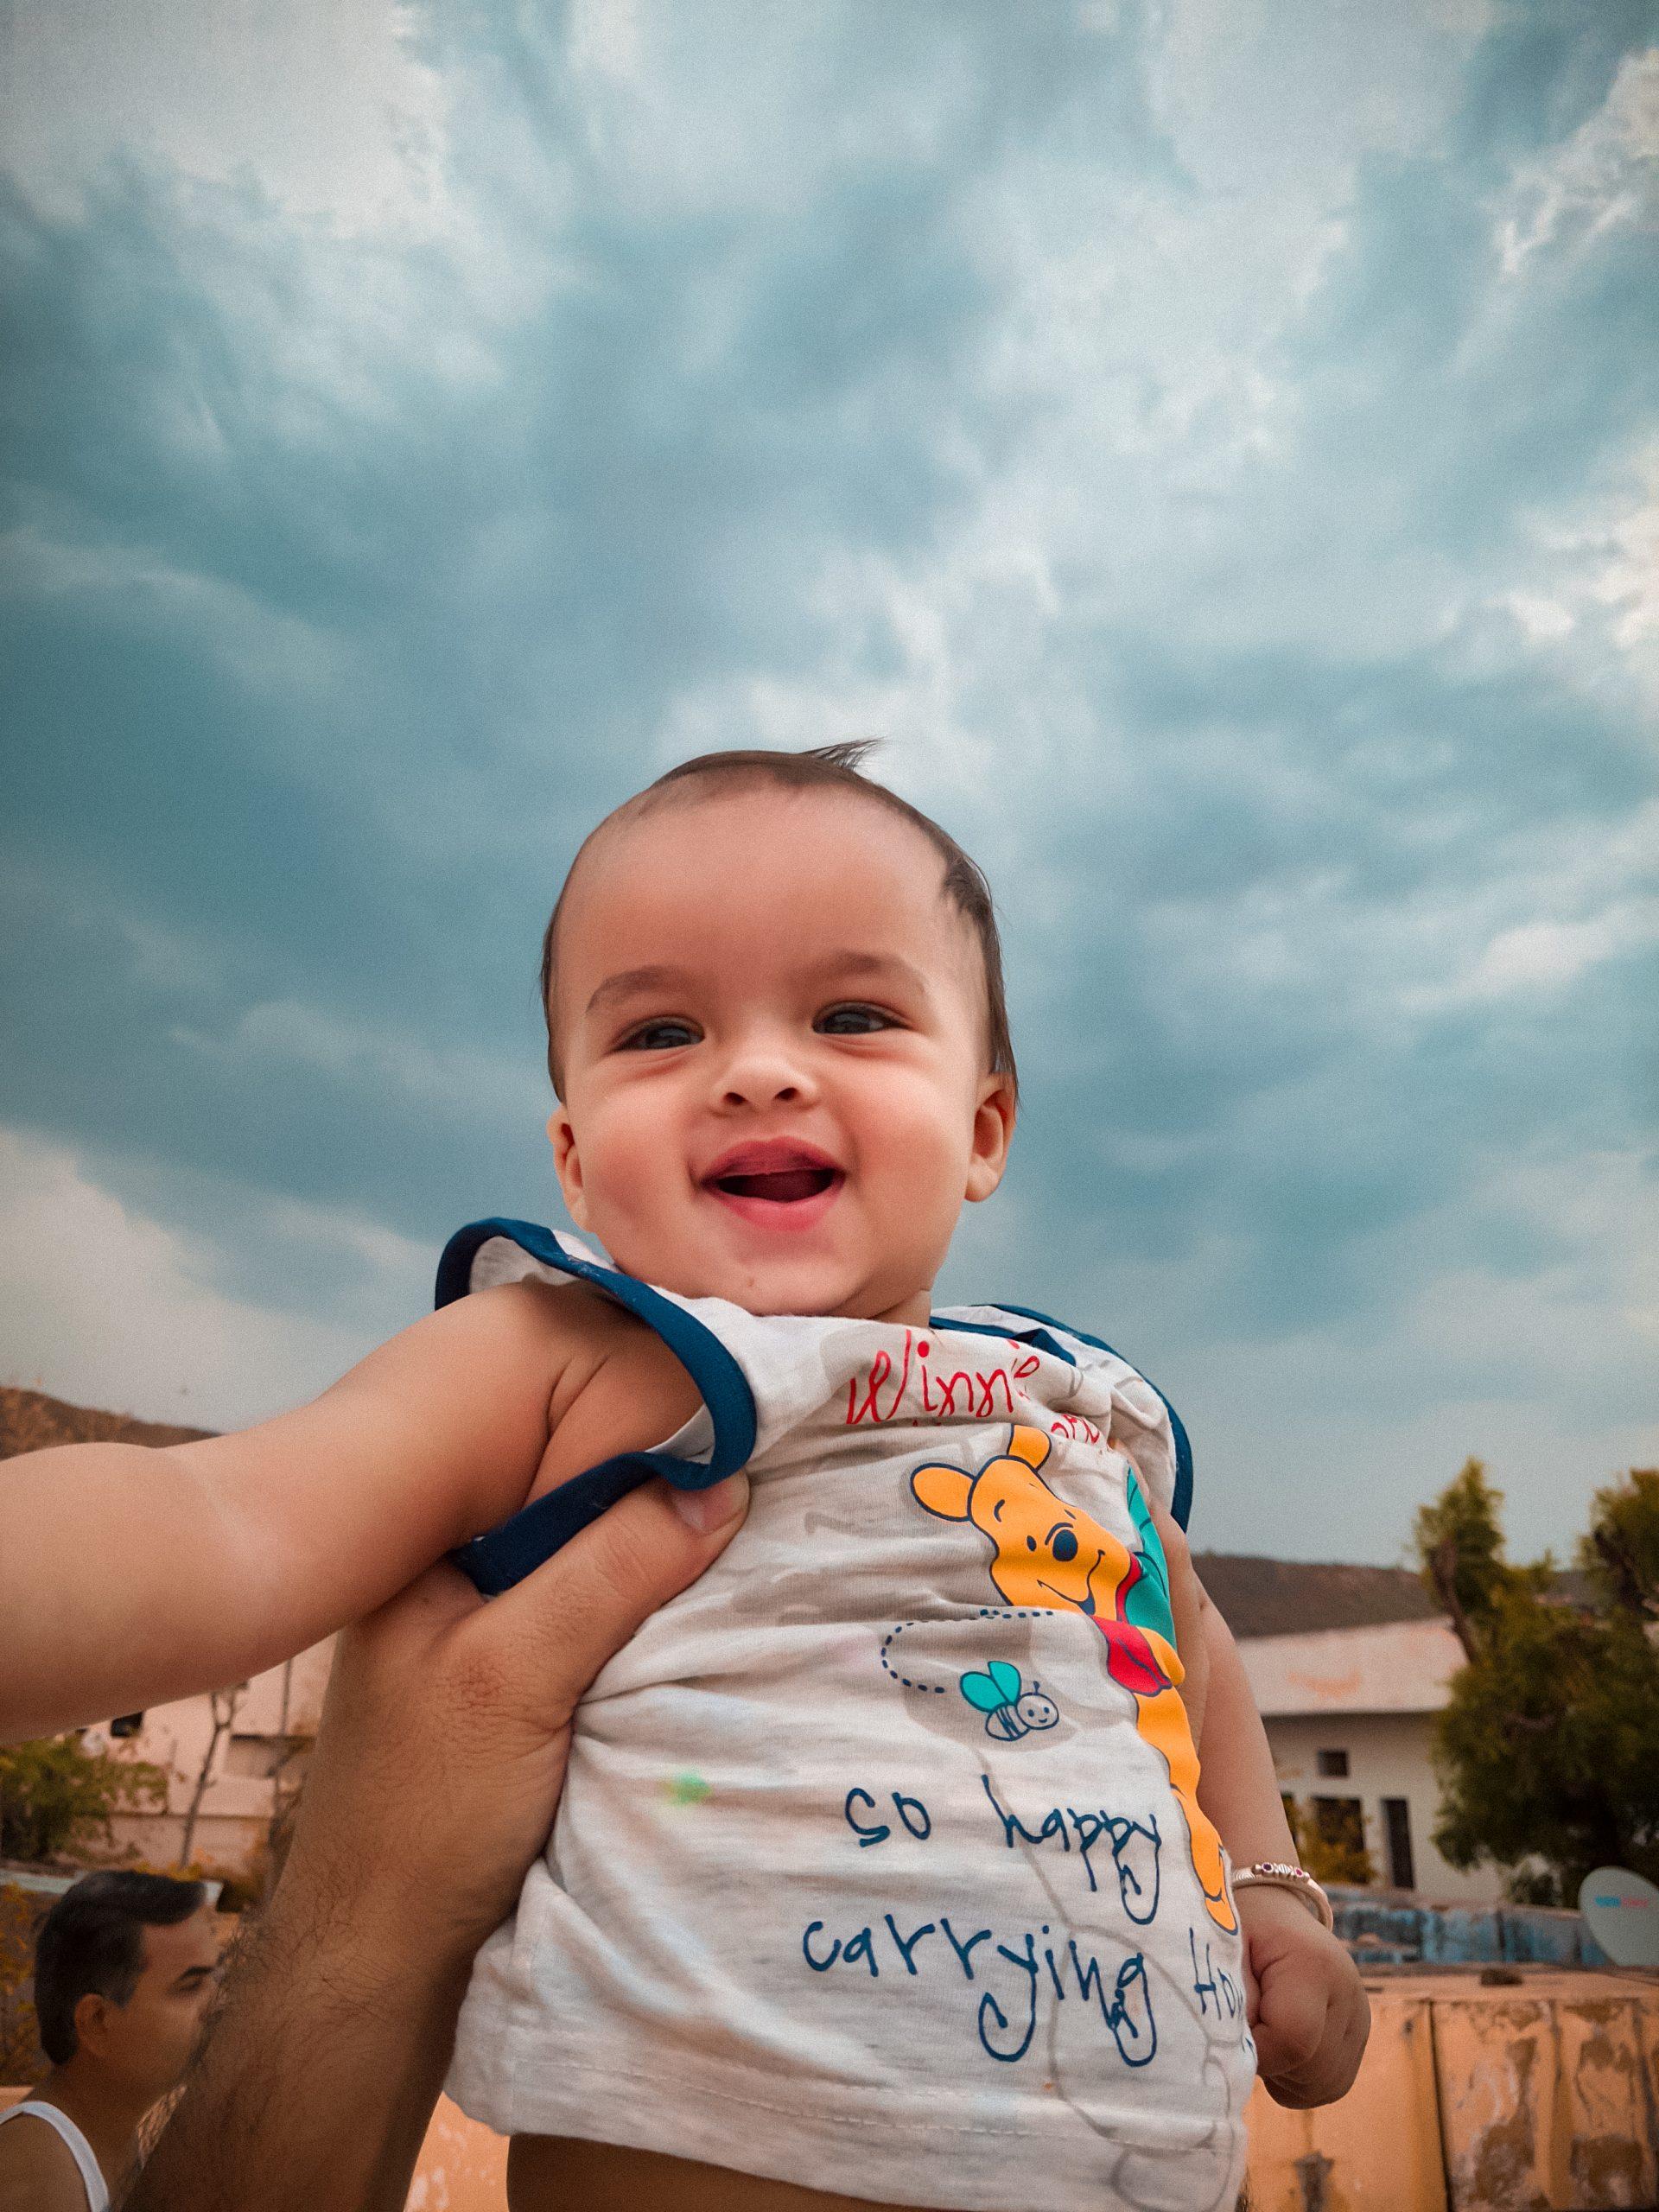 A smiling cute kid